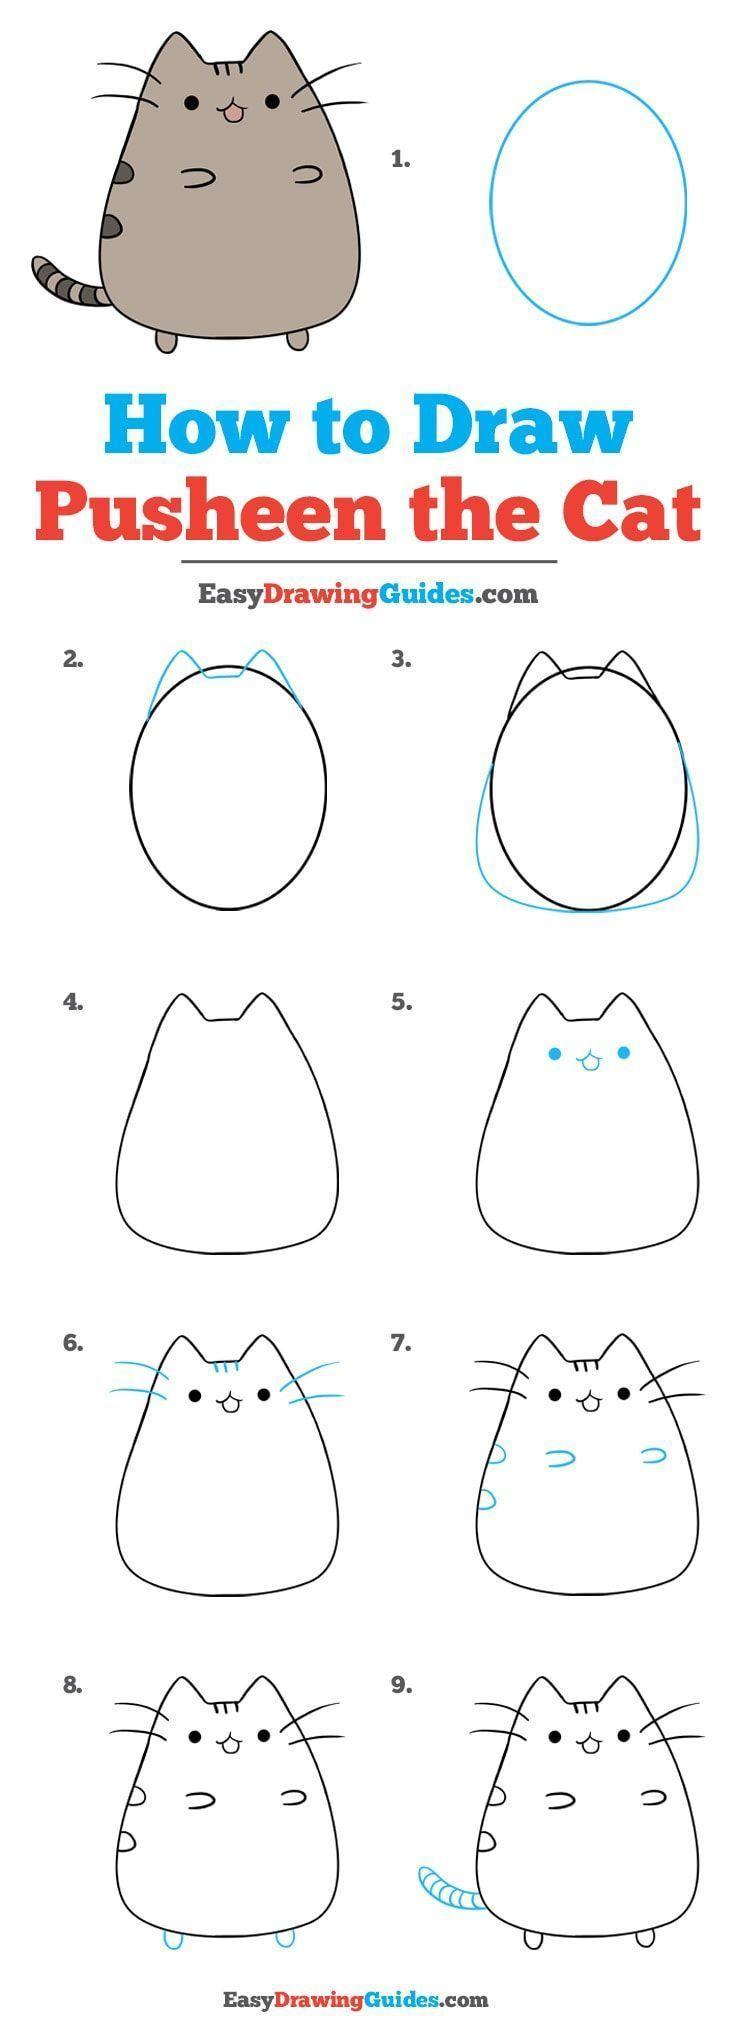 Wie zeichnet man die Katze Pusheen – Tiere zeichnen – #die #Katze #man #Pusheen …